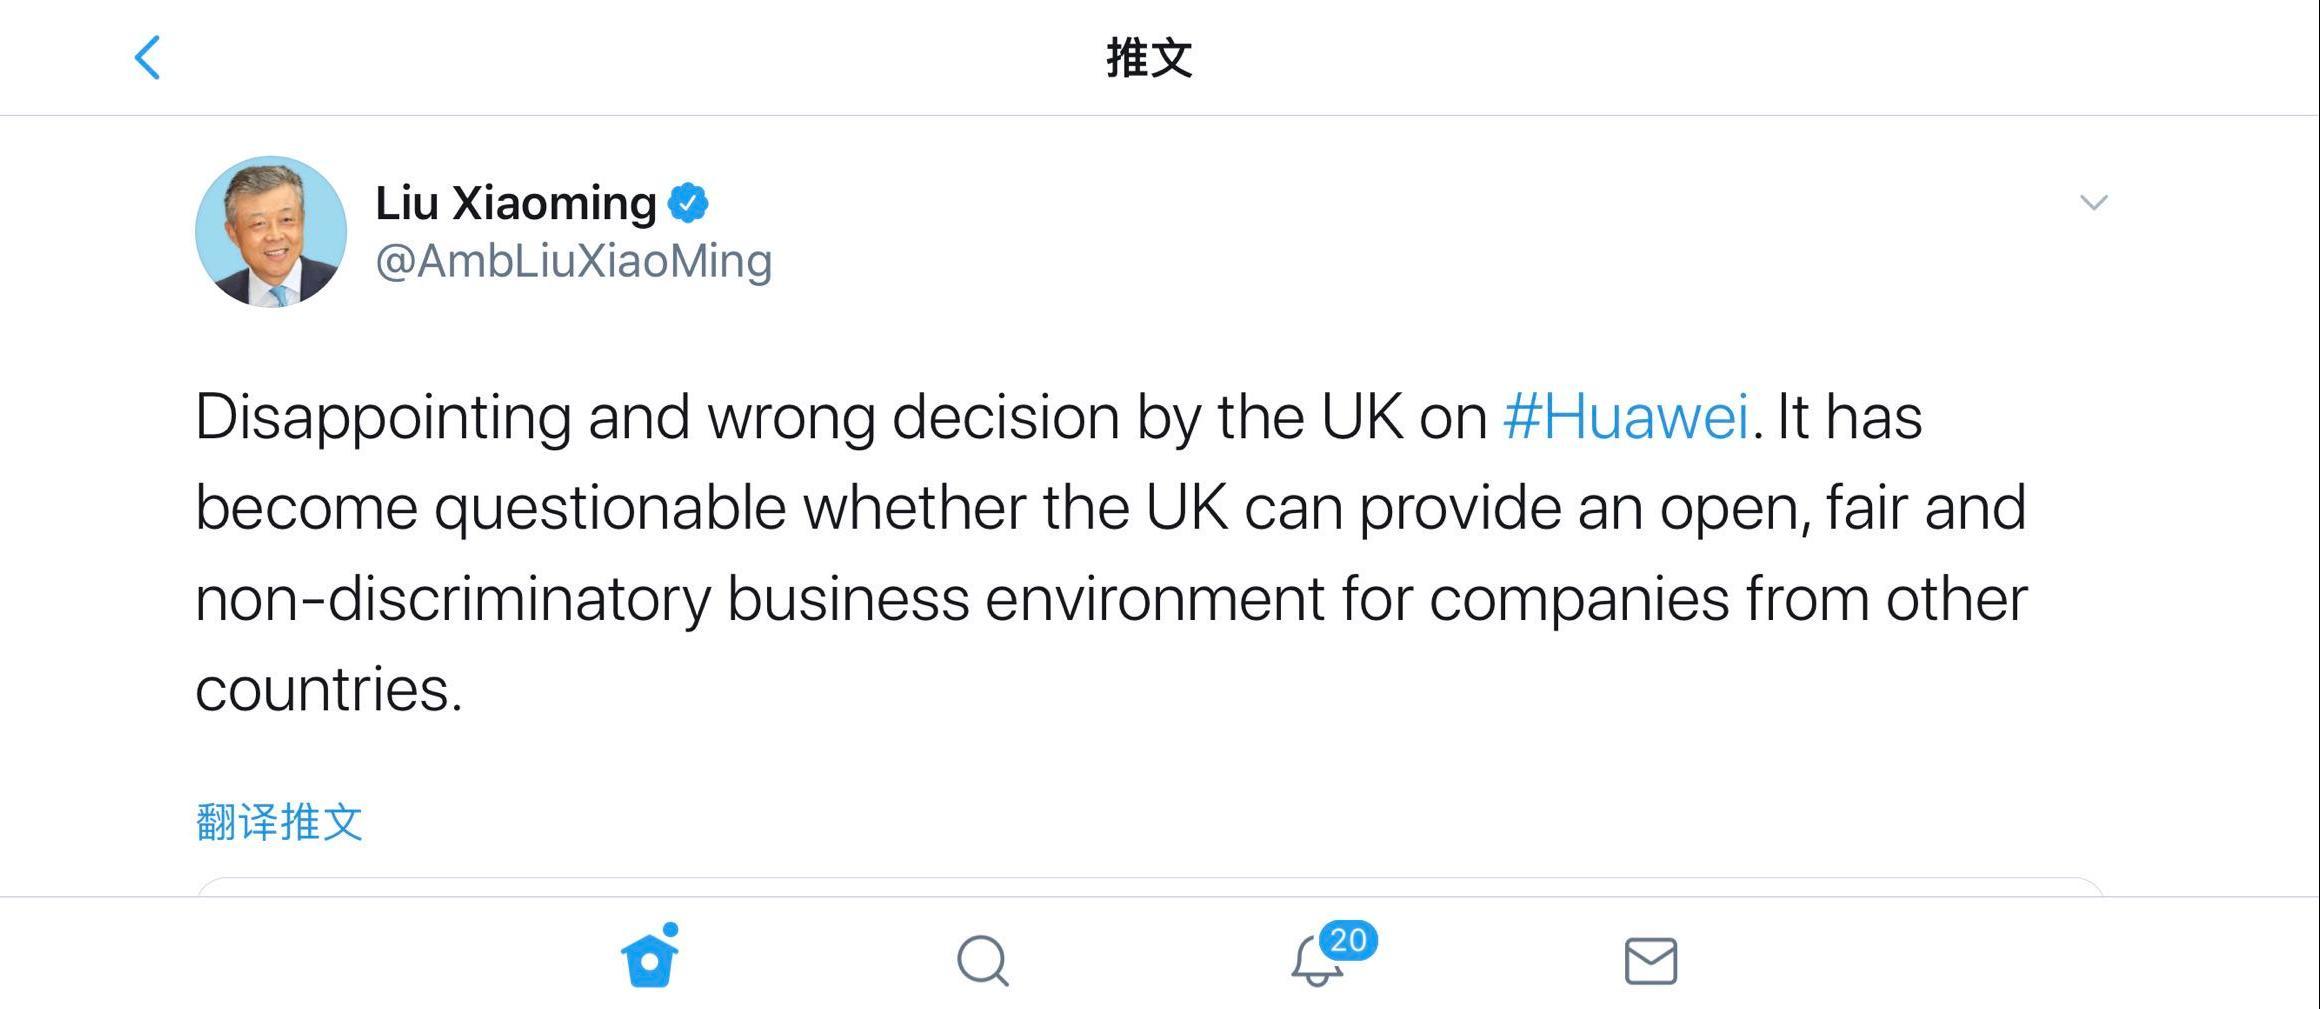 皇冠体育app:驻英大使:英国在华为5G上作出了令人失望且错误的决议 第1张